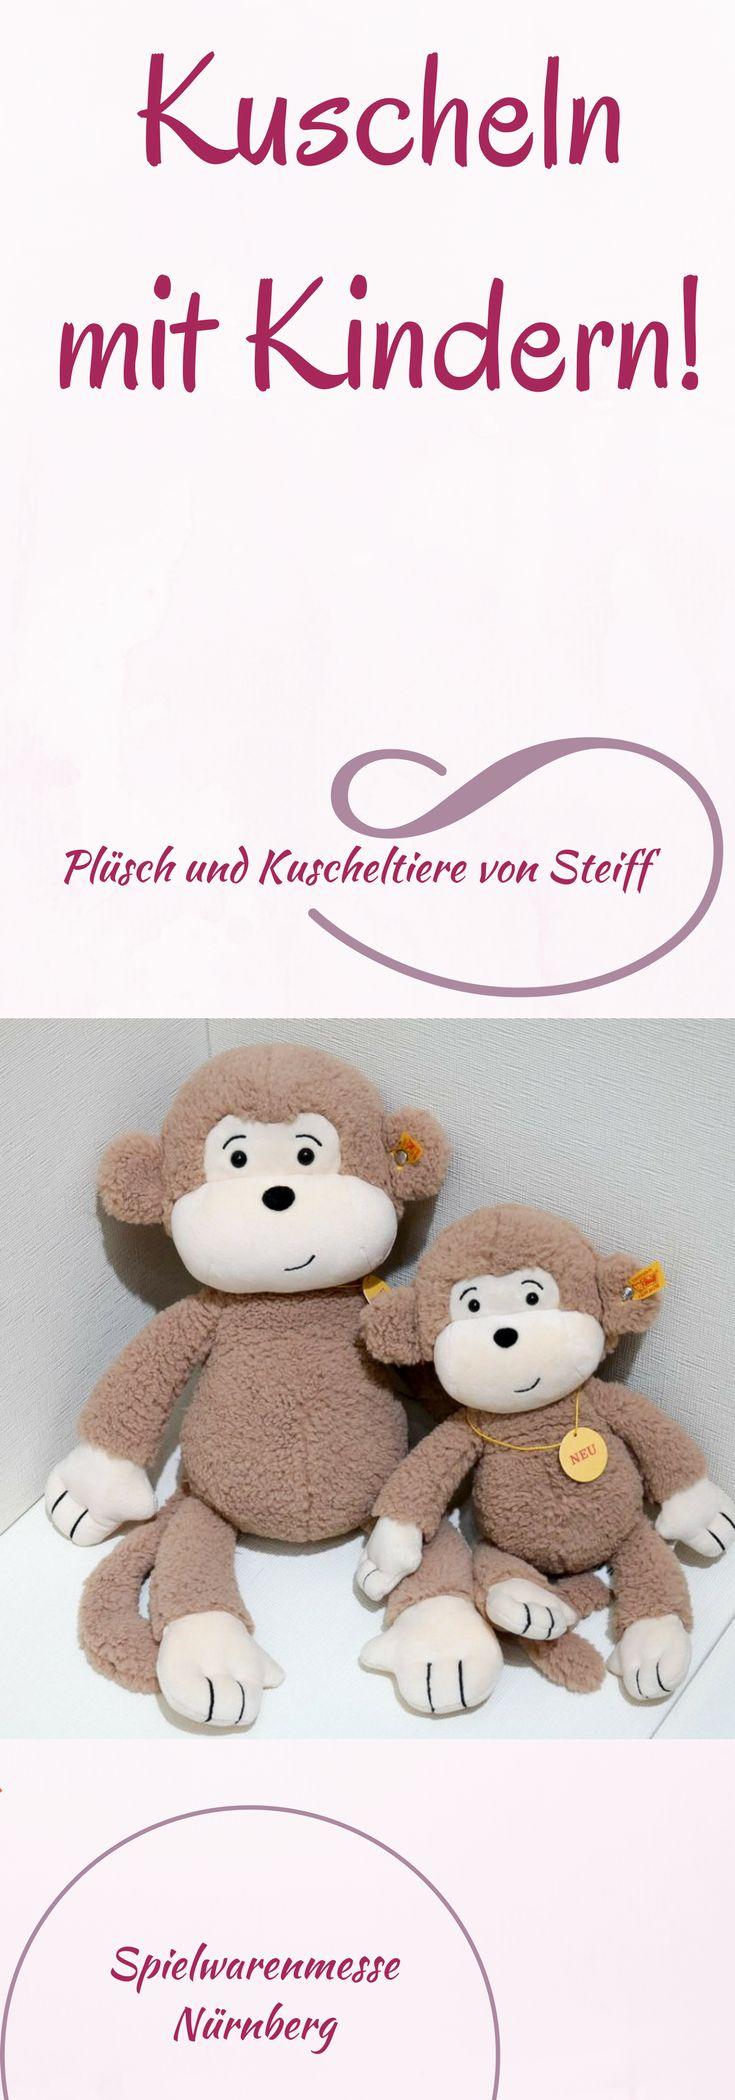 Trends, Neuheiten auf der Spielwarenmesse in Nürnberg